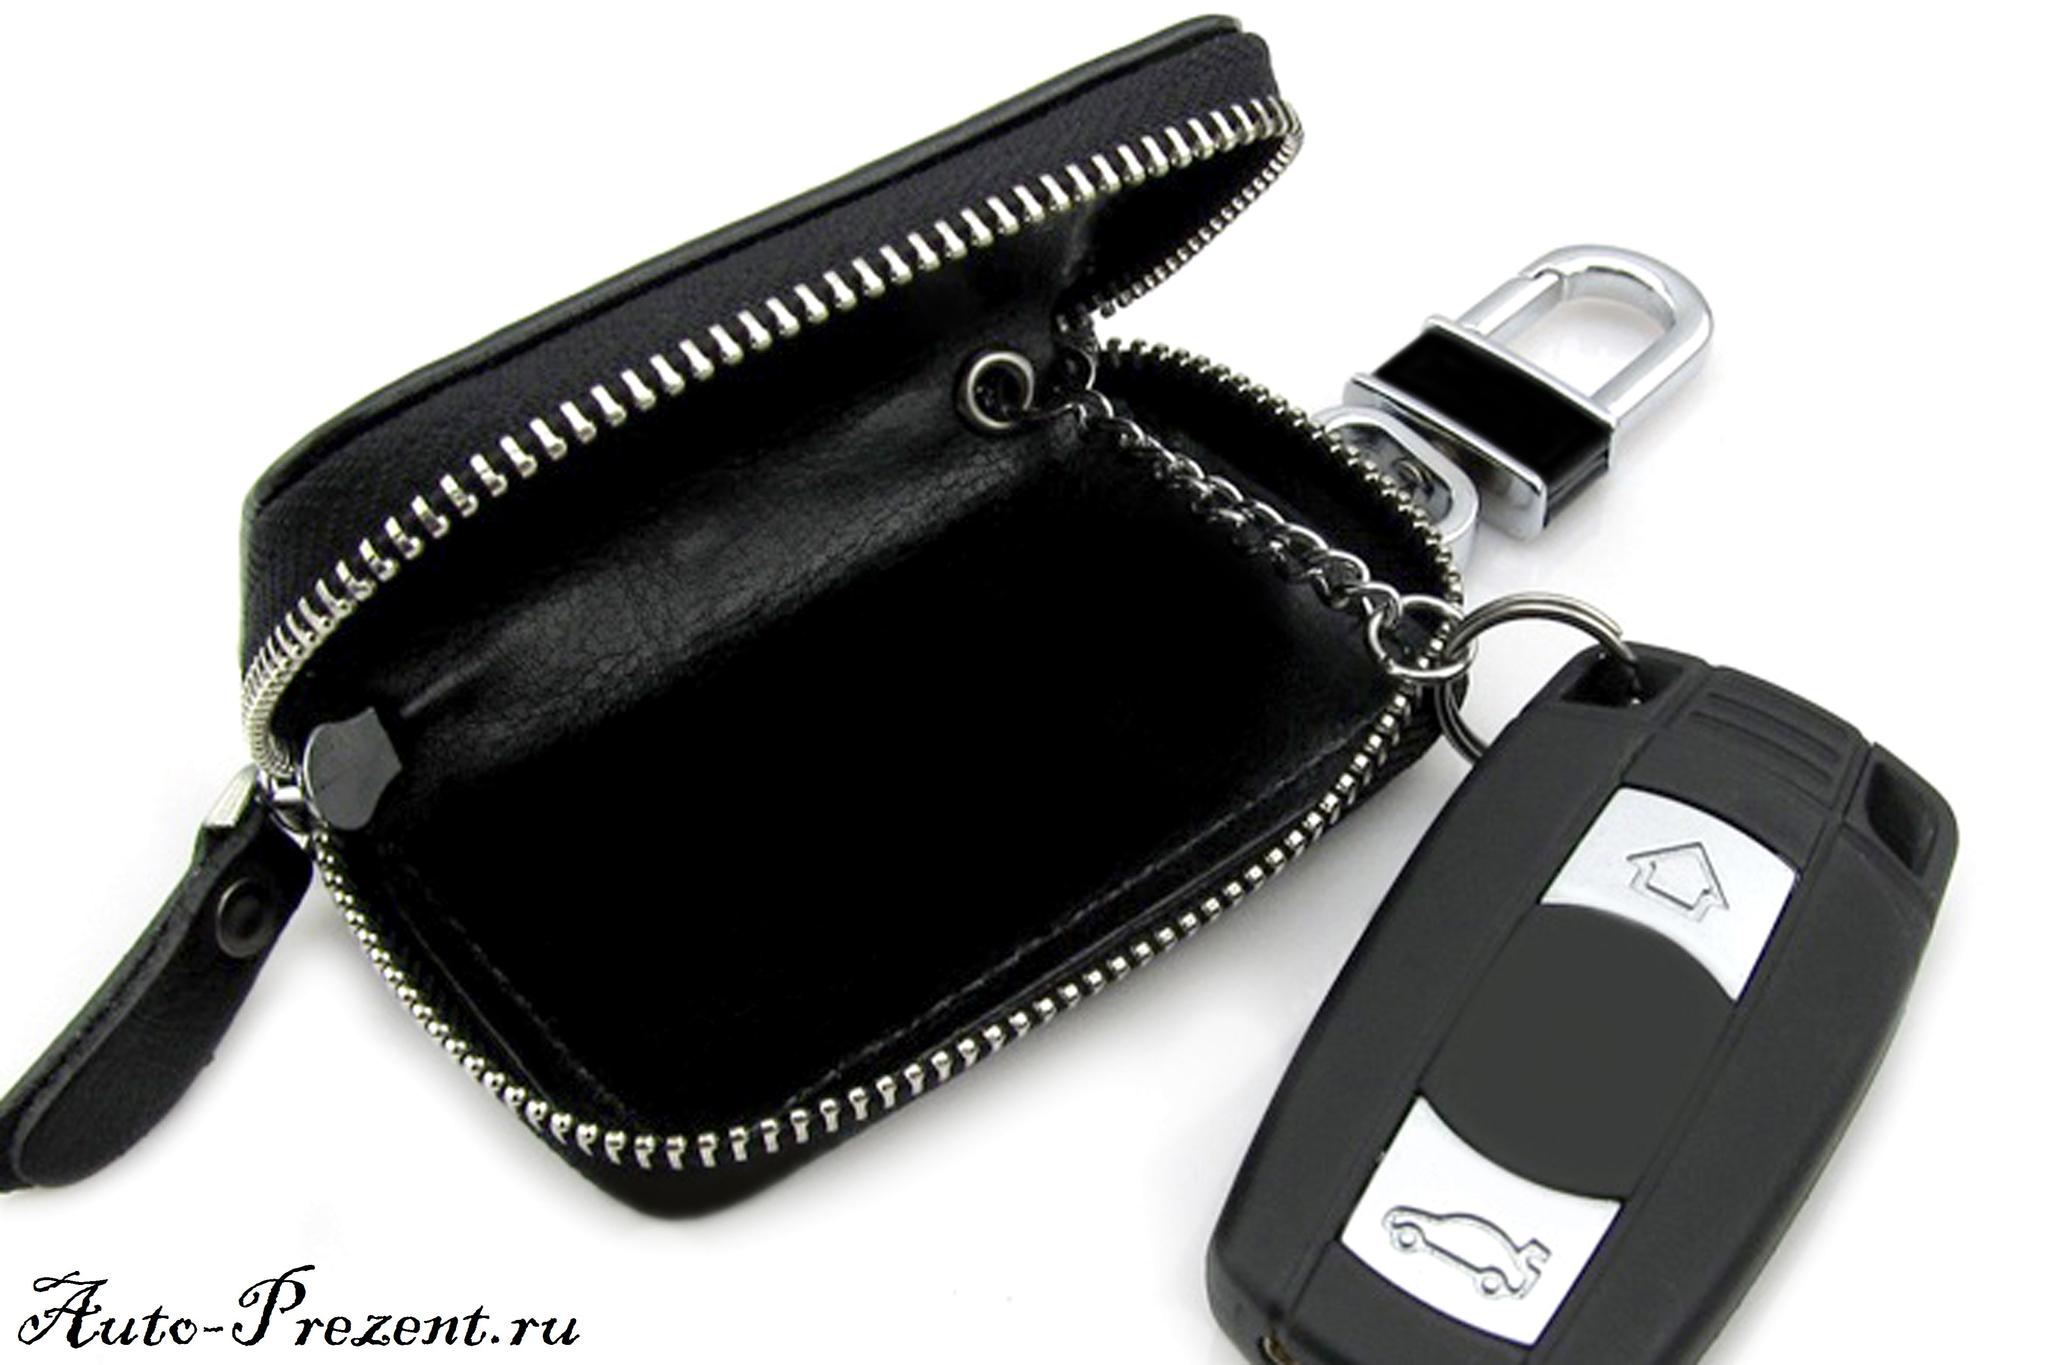 Кожаный чехол для ключа с логотипом MAZDA